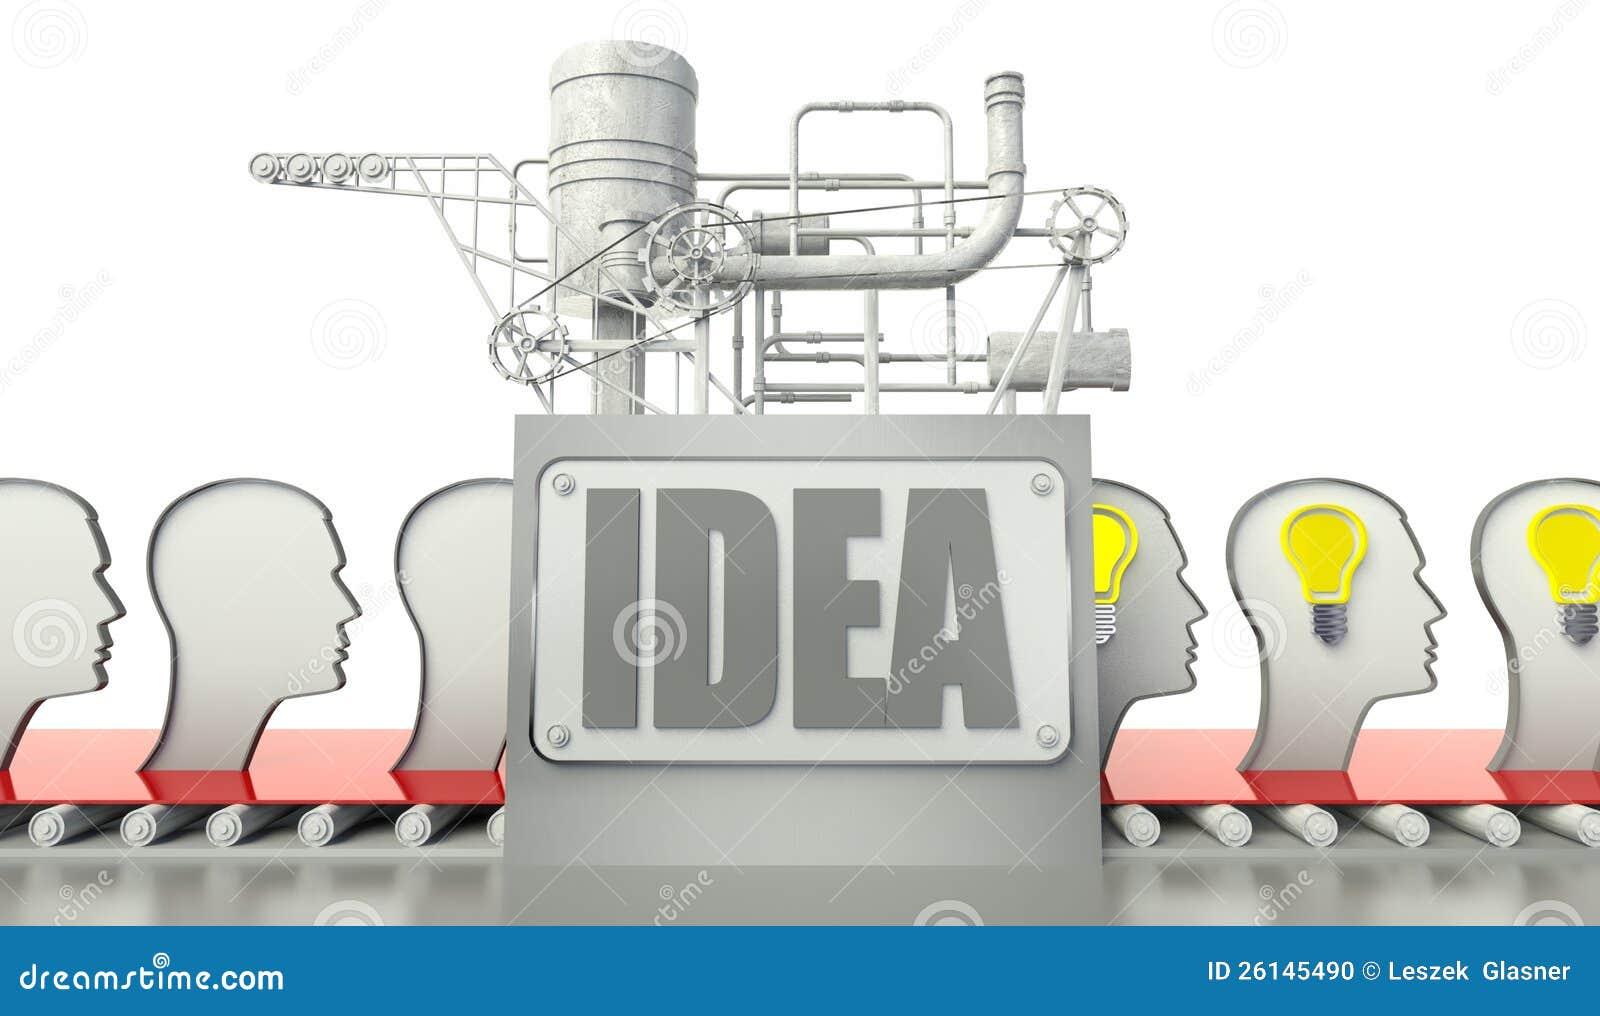 Het concept van het idee met gloeilampen in de meningen van mensen